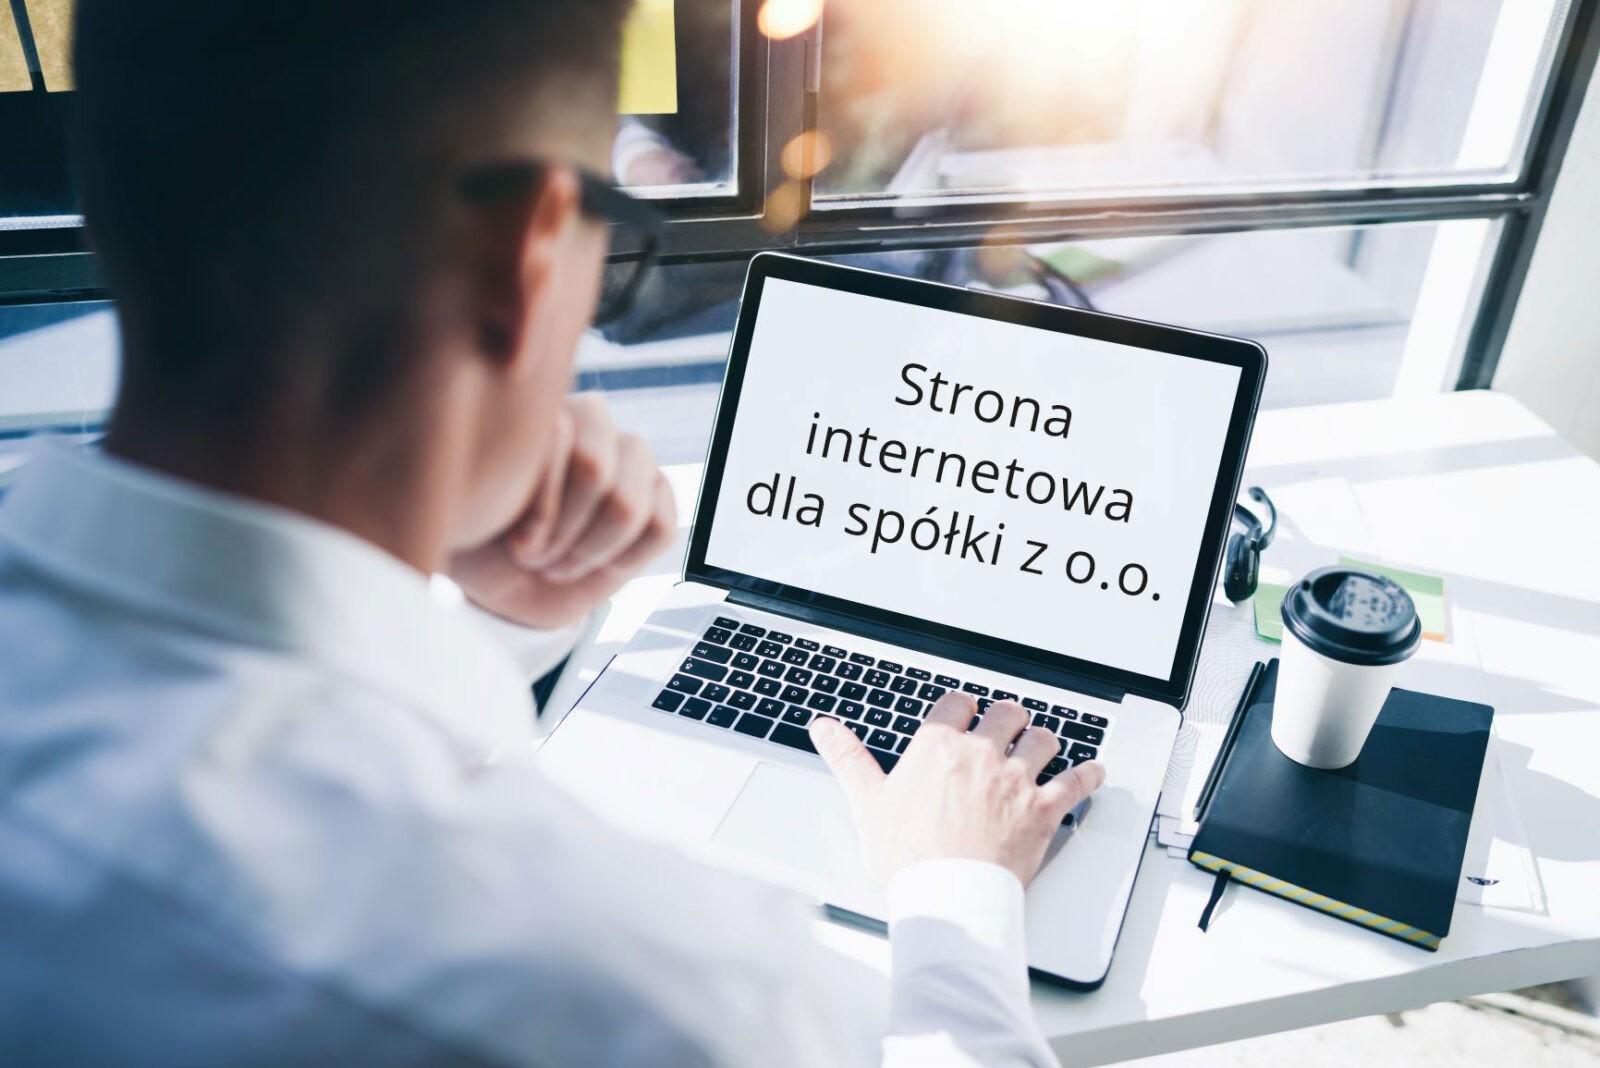 Strona internetowa dla spółki z o.o.